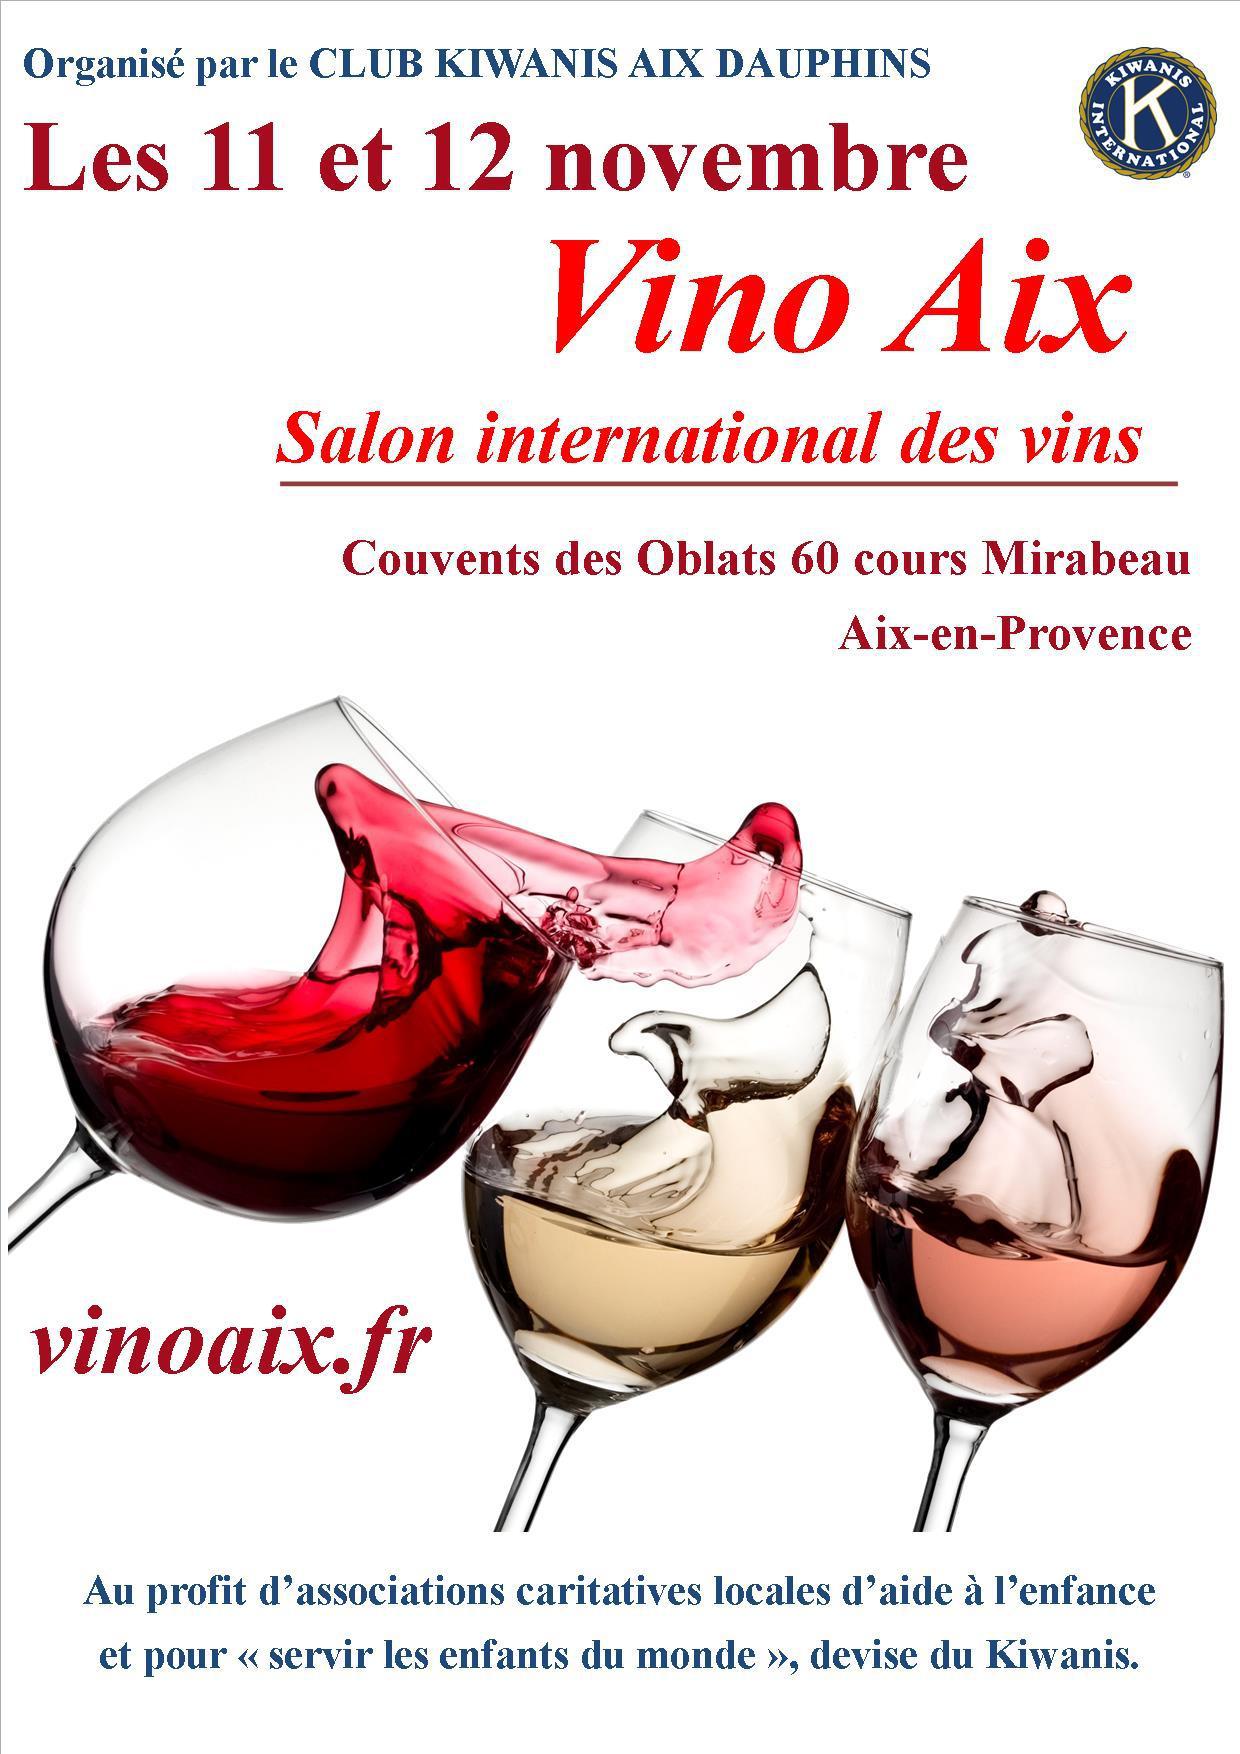 Vino Aix 2017